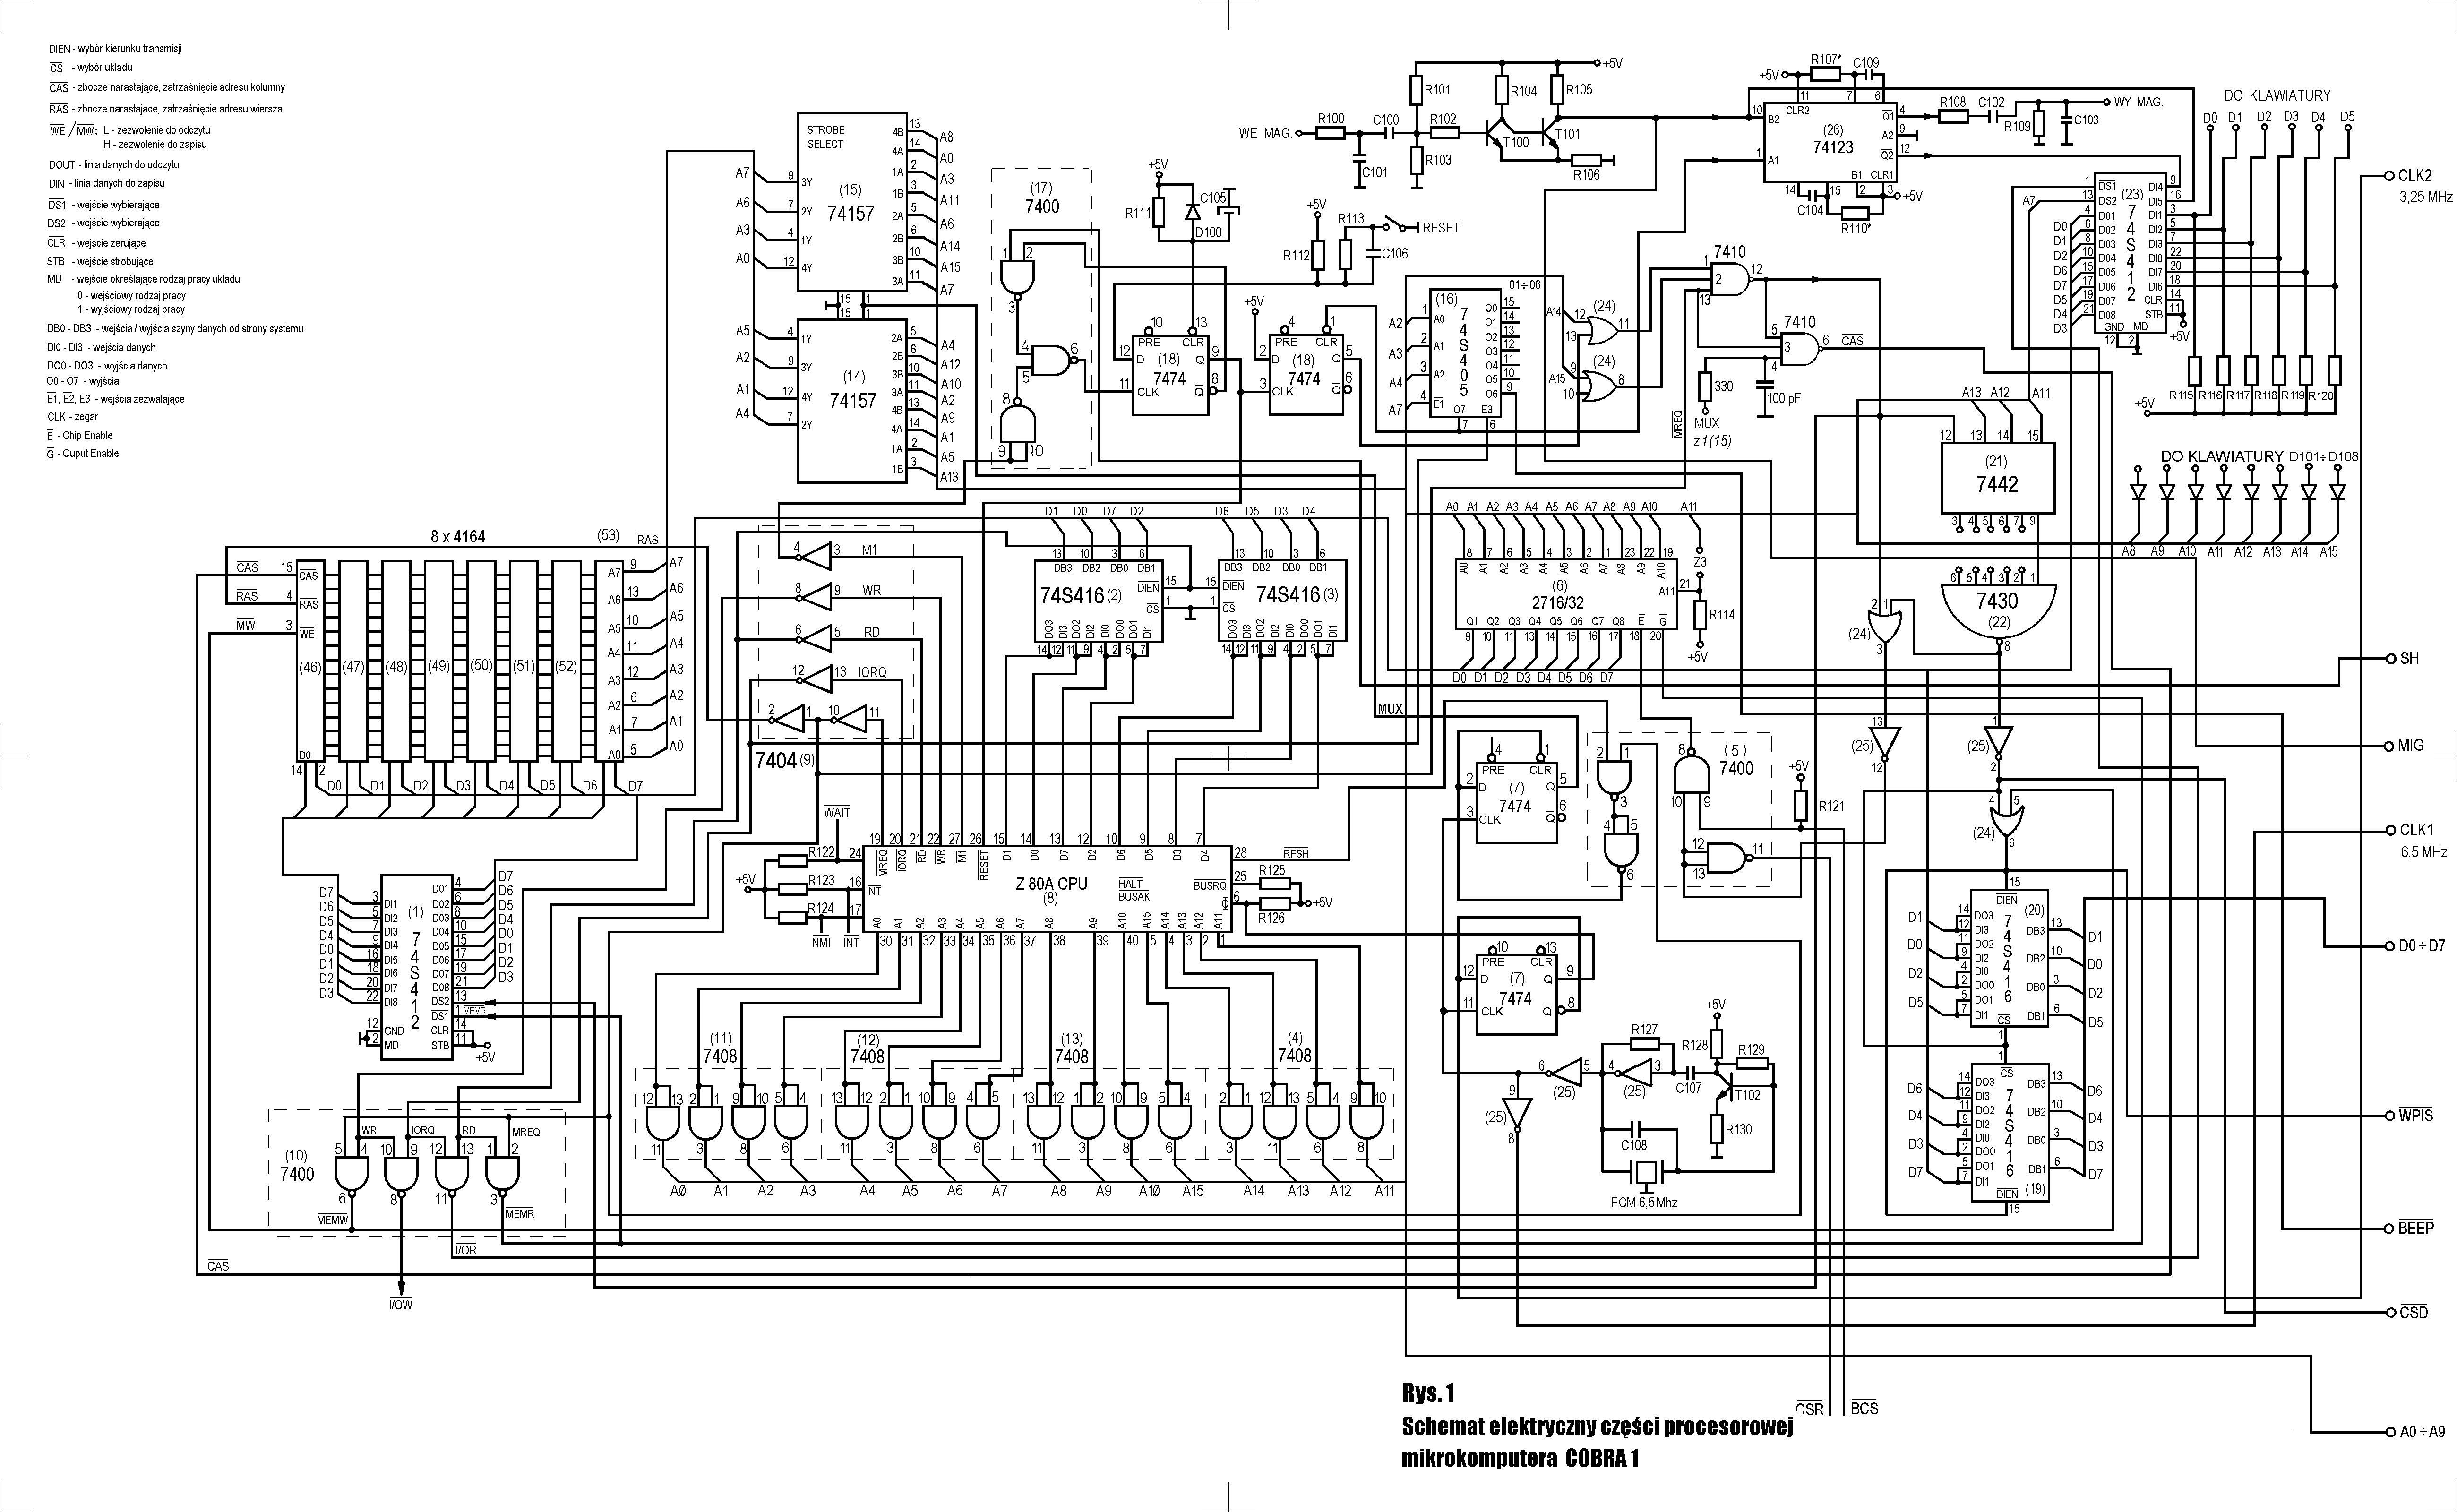 Mikrokomputer cobra 1 elektroda mikrokomputer cobra 1 mikrokomputer ccuart Gallery